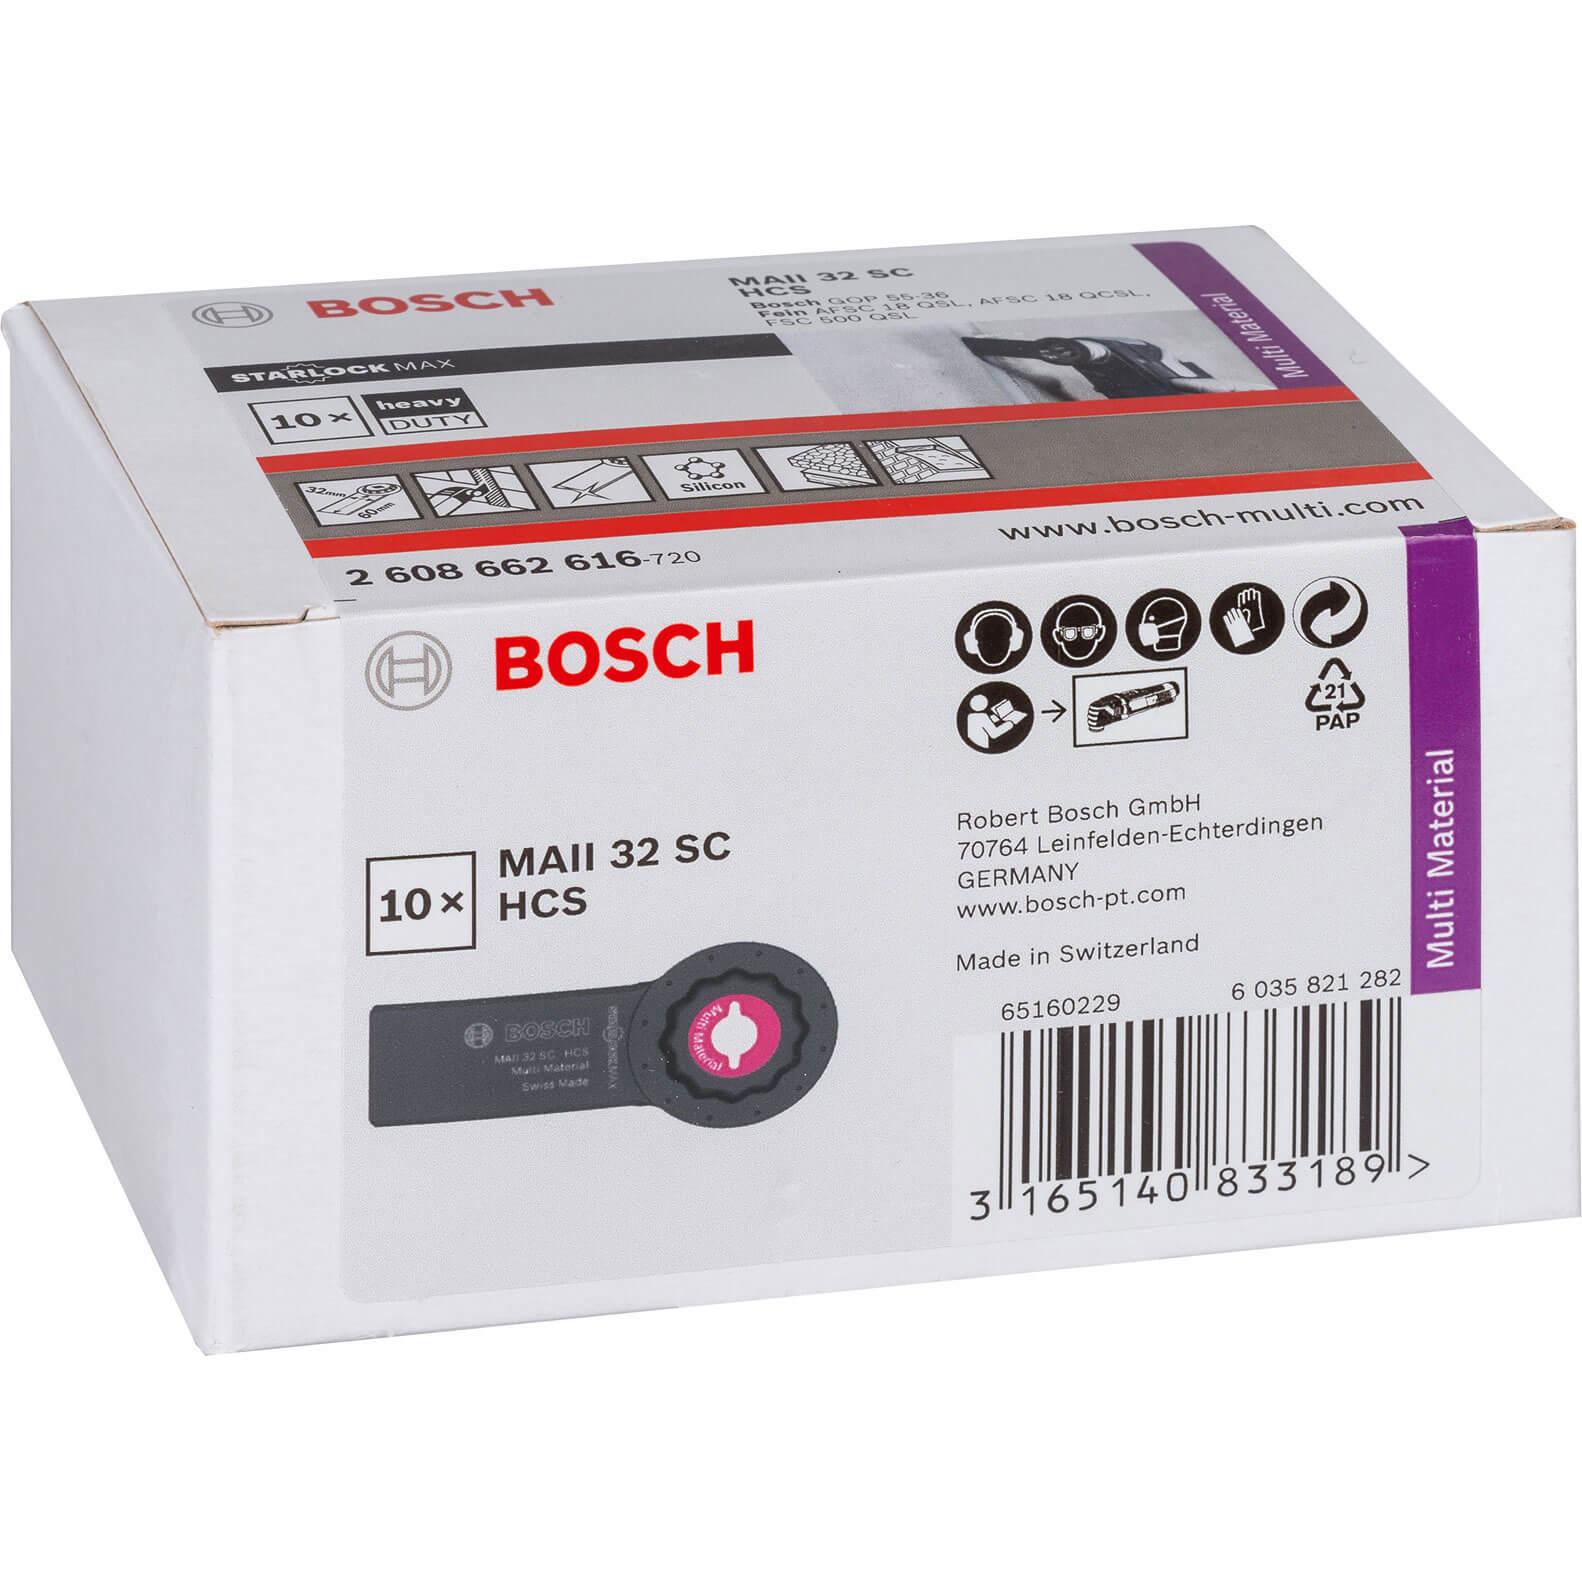 Bosch M11 42 H Multi Saw Blade For Pfz 500 E